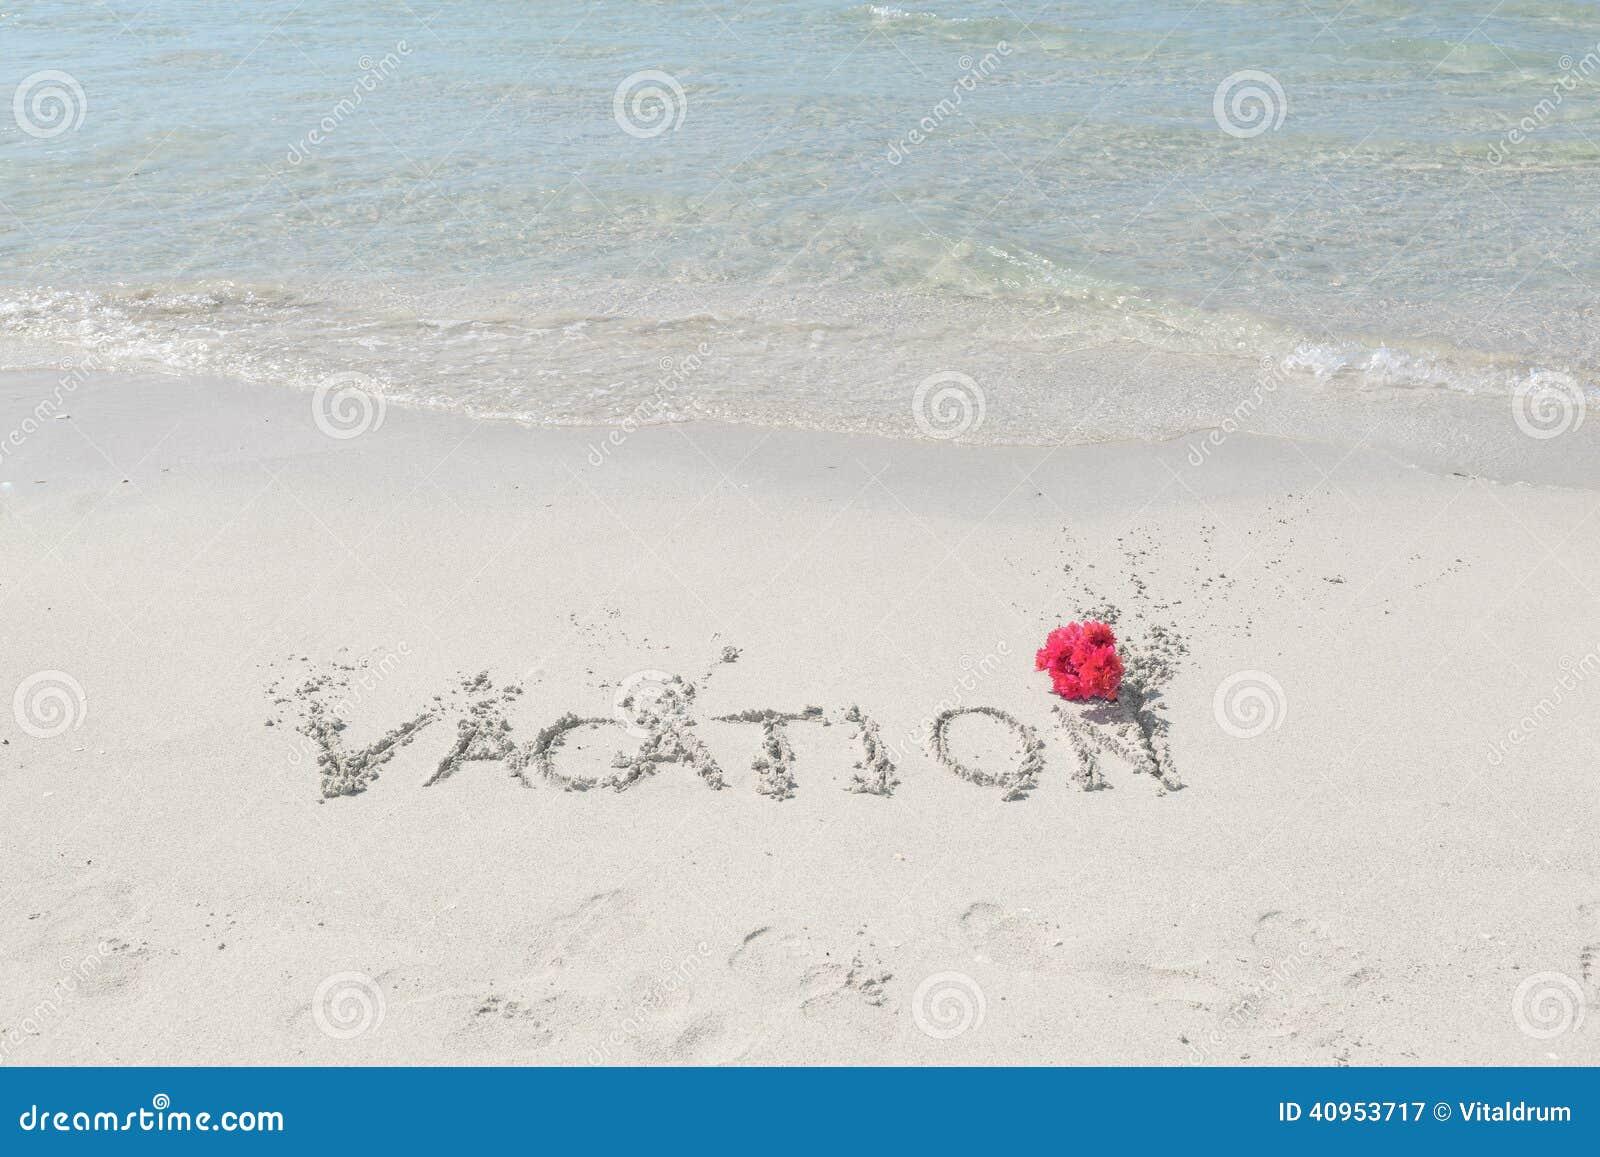 Mensajes De Amor Escritos En La Arena: Playa Y Océano Tropicales Con El Mensaje Escrito En La